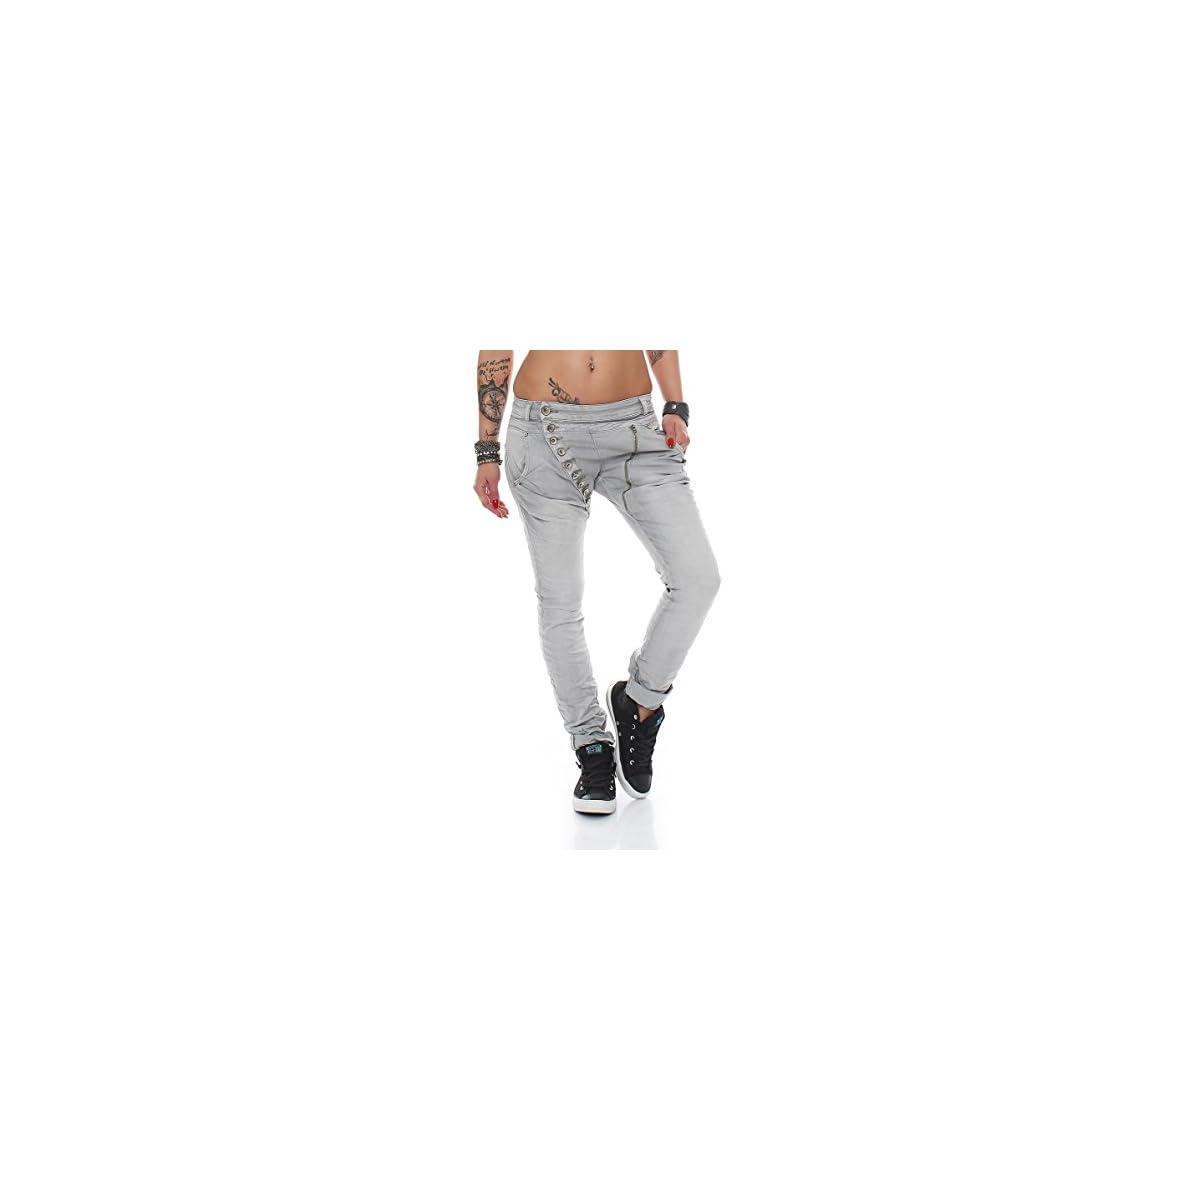 Fashion4Young 5857 MOZZAAR Damen Jeans Grau